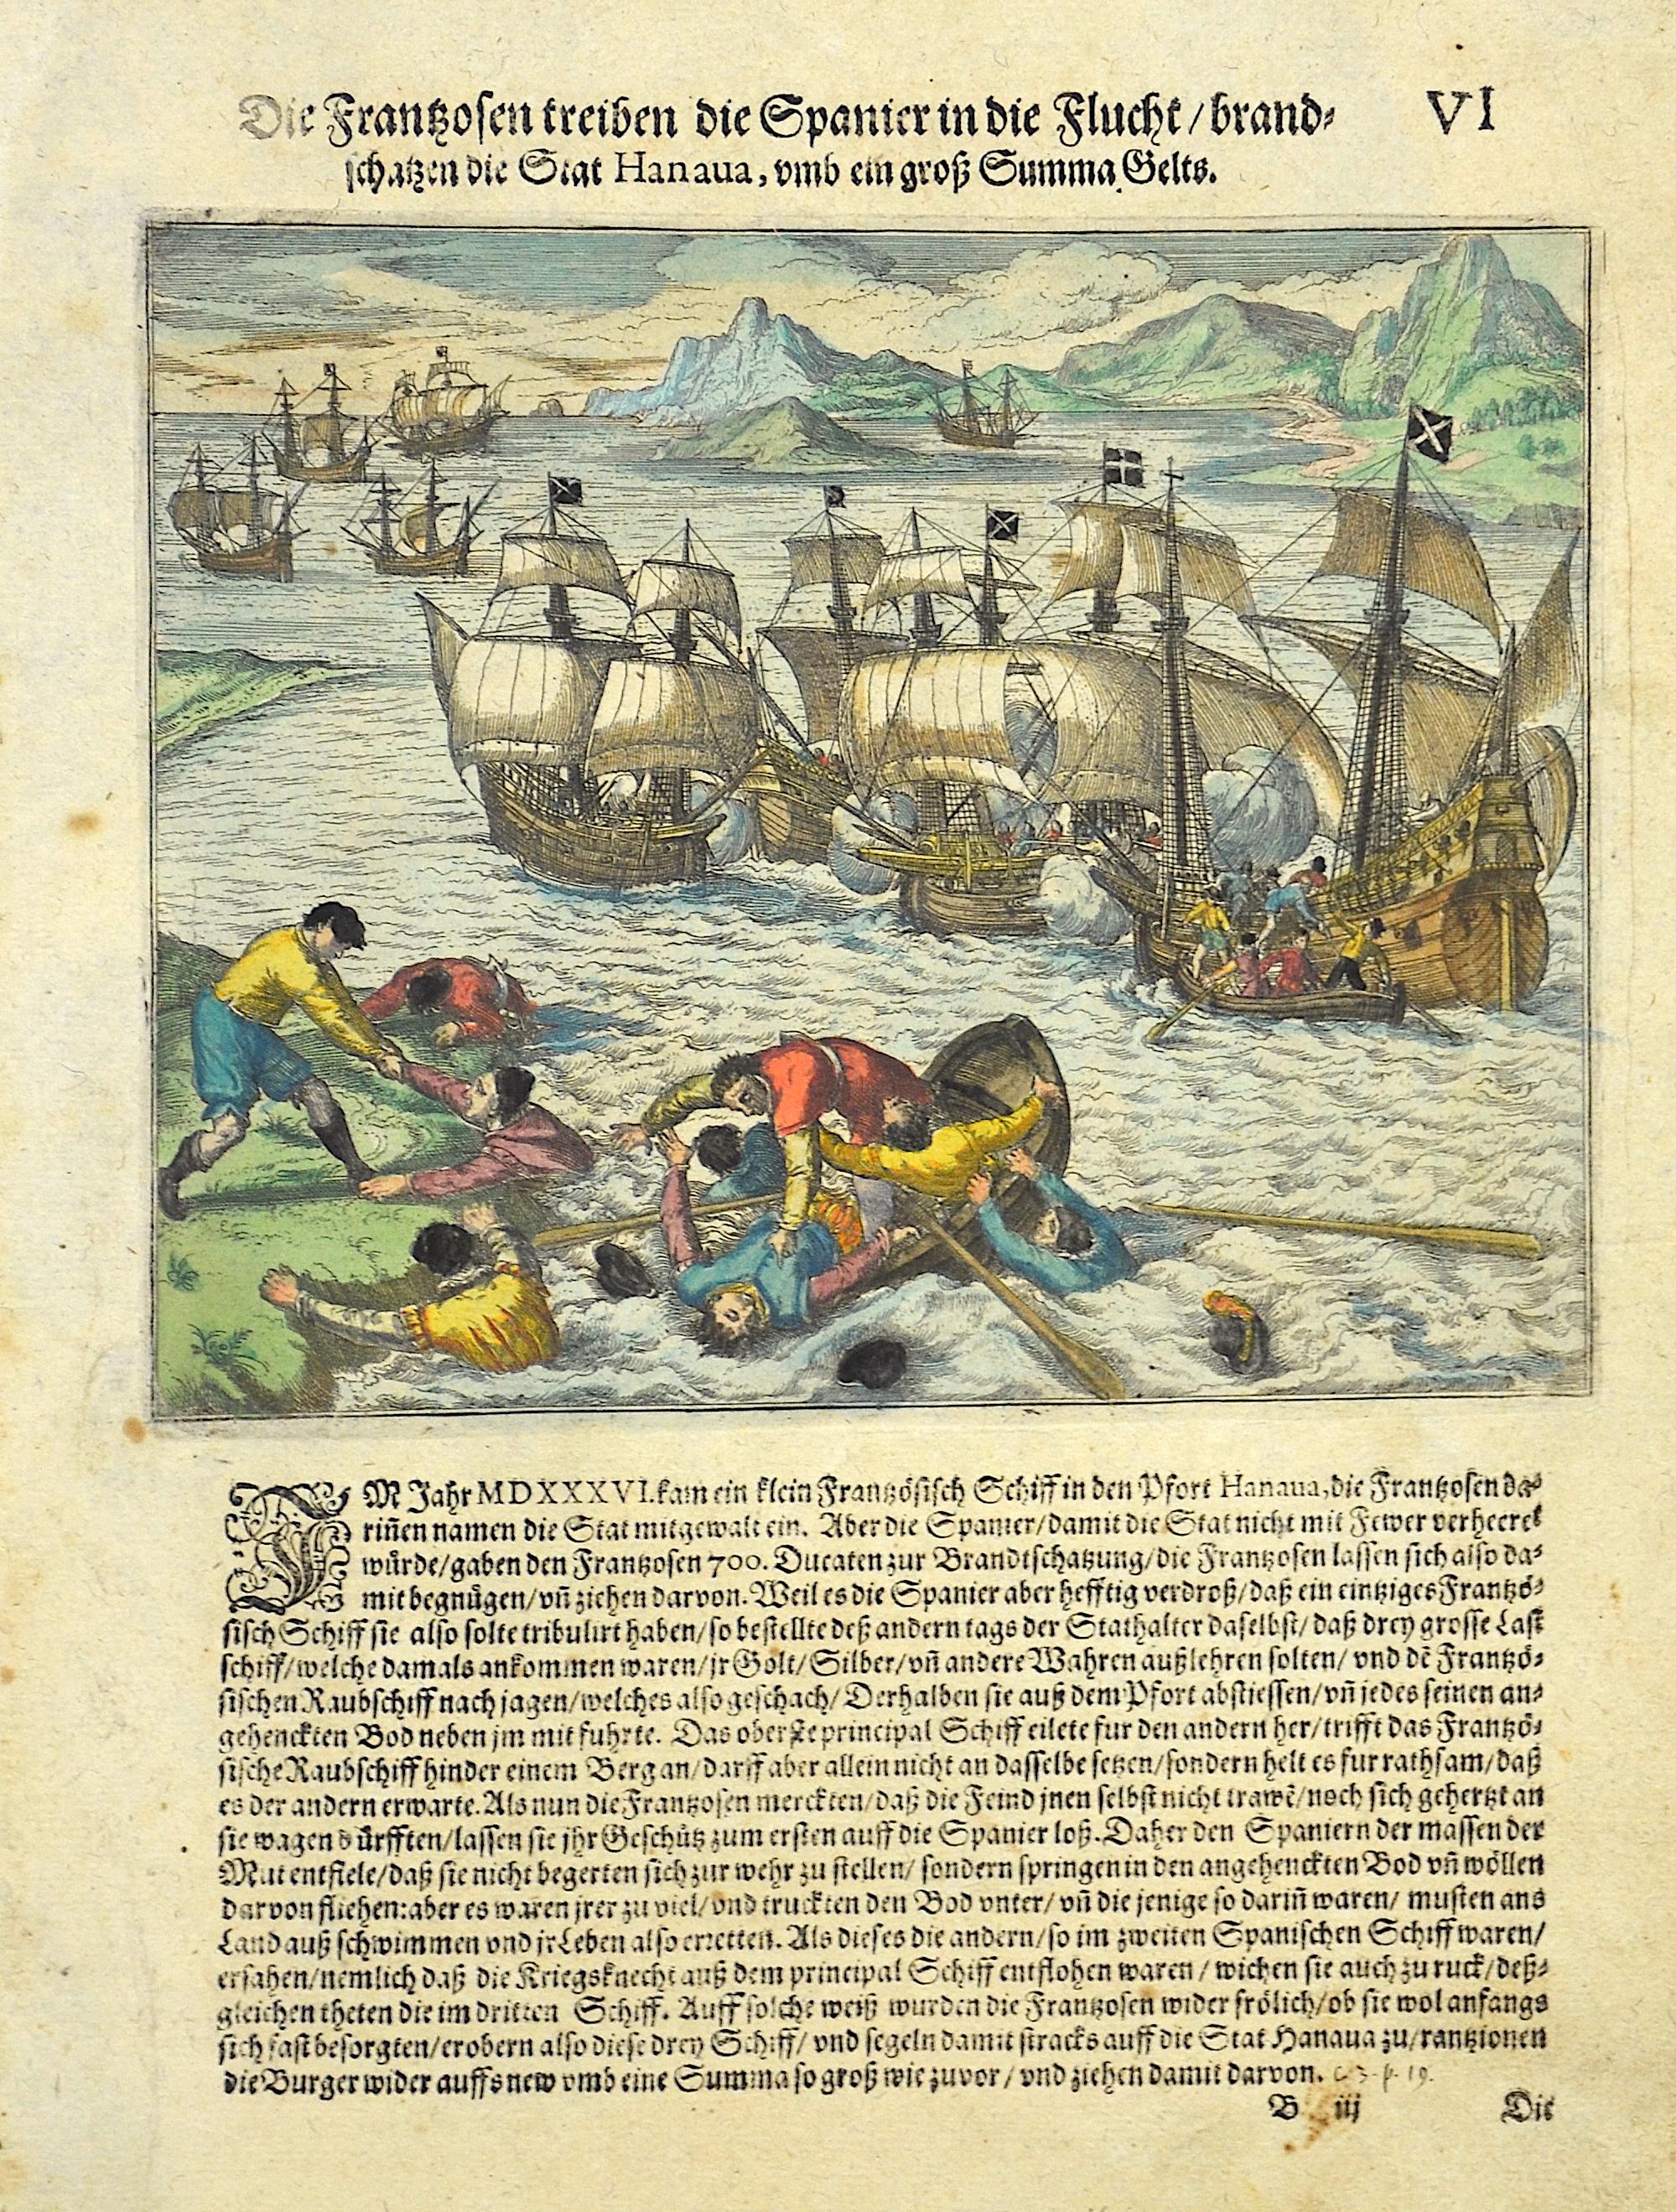 Bry, de  Galli Hispanos fugant, et urbem Hanava magna pecuniae summa mulctant.